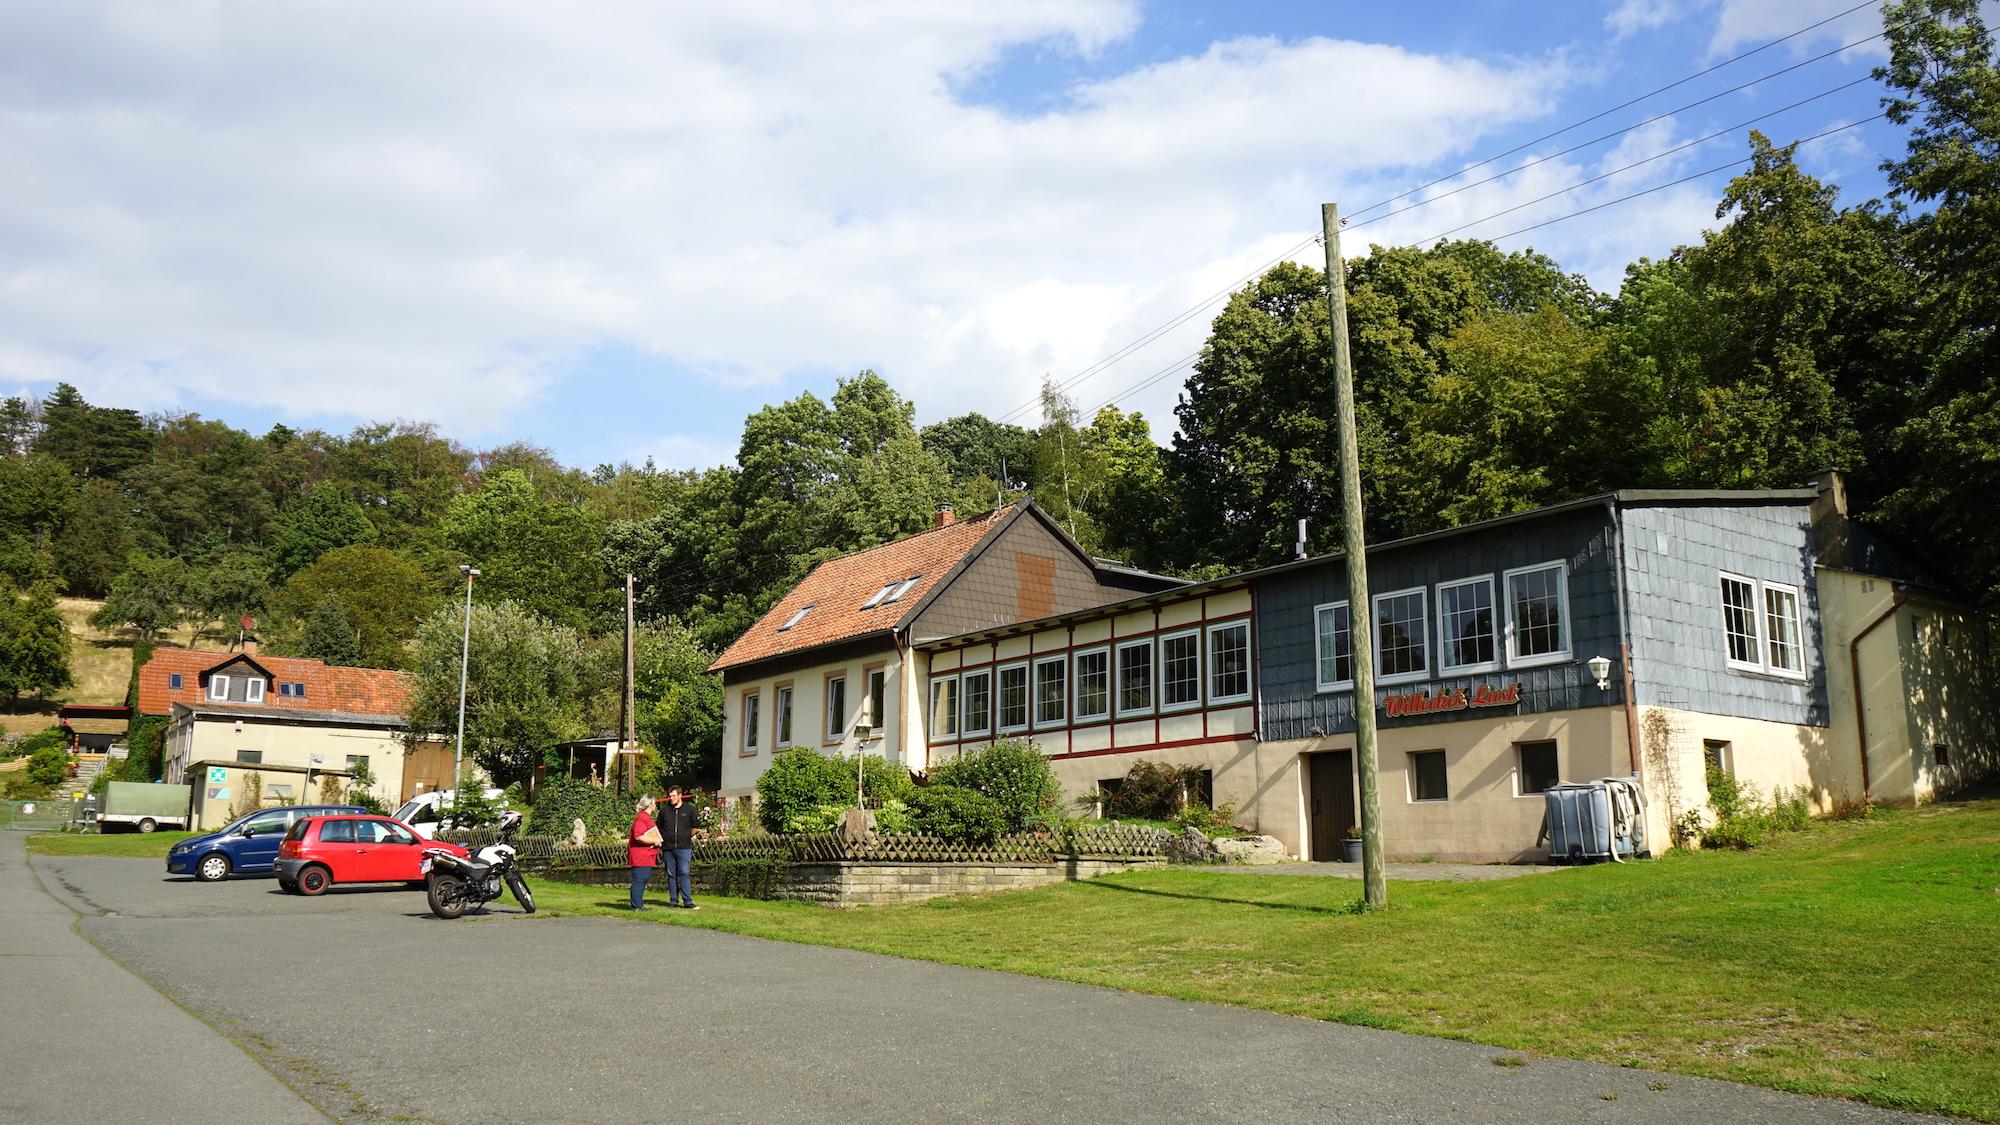 Nördliches Harzvorland: Ausflugsgaststätte Willeckes Lust / Beate Ziehres